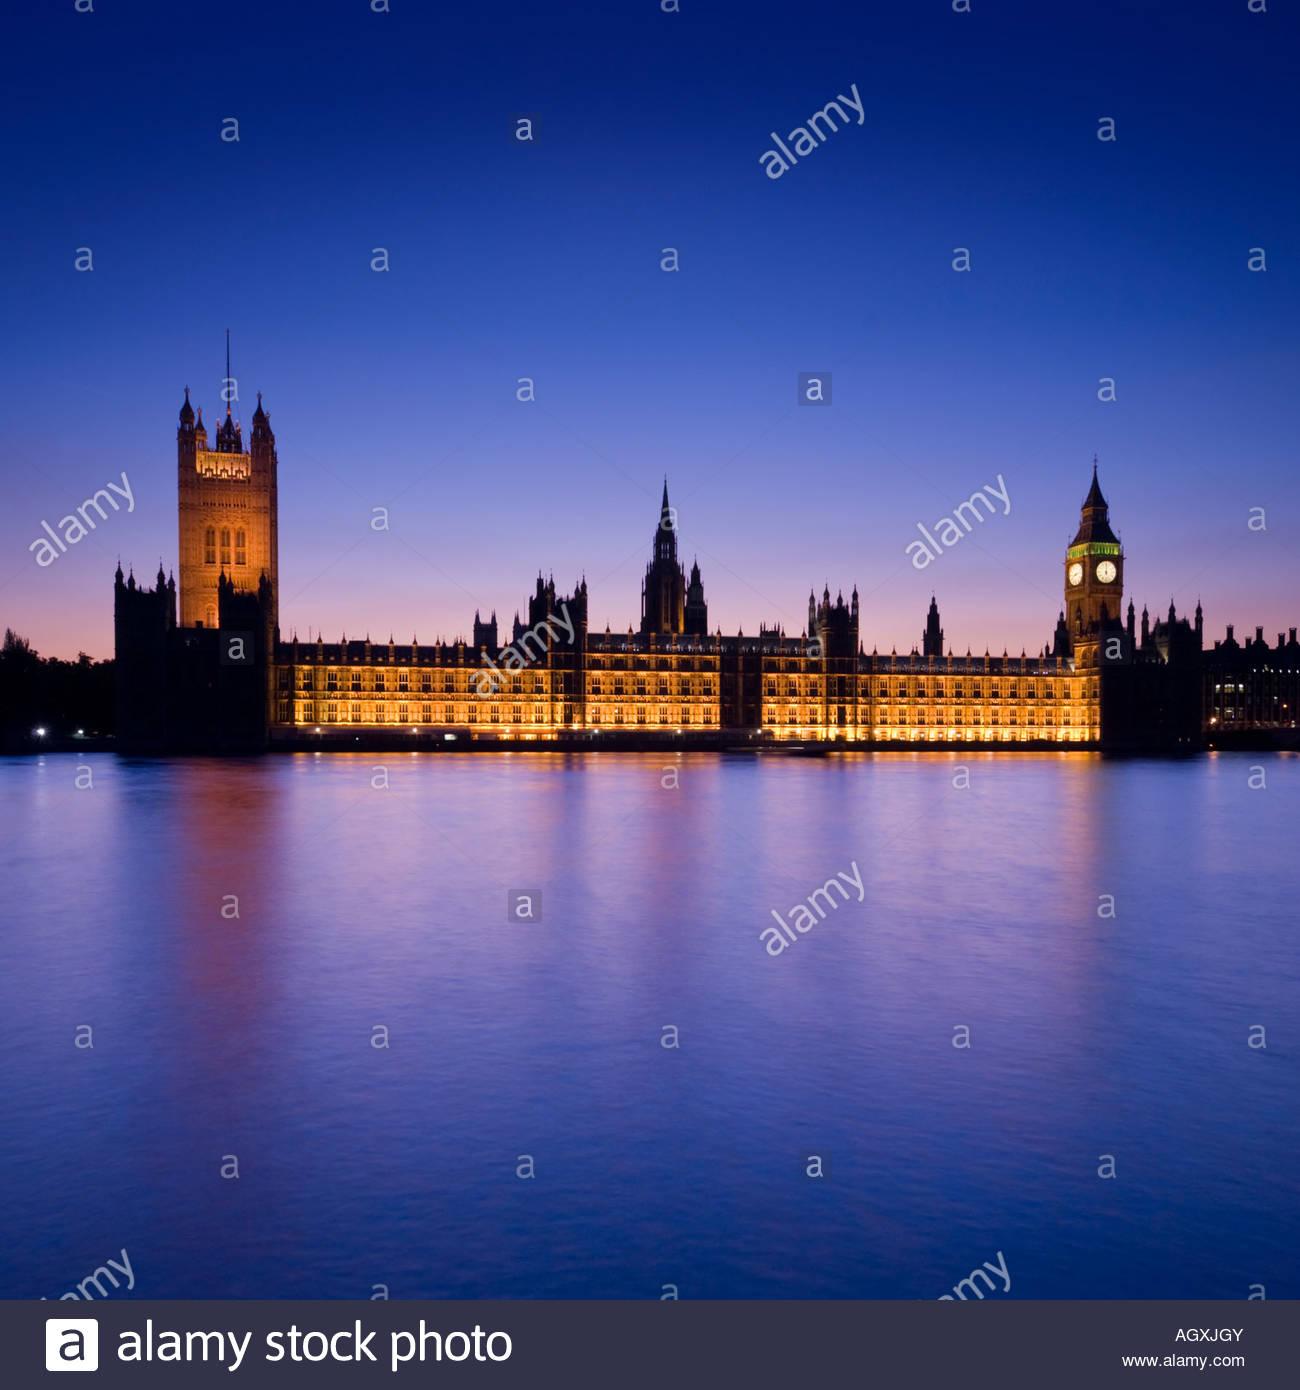 La Casa del Parlamento e dal Big Ben di notte, Londra, Inghilterra, Regno Unito Immagini Stock